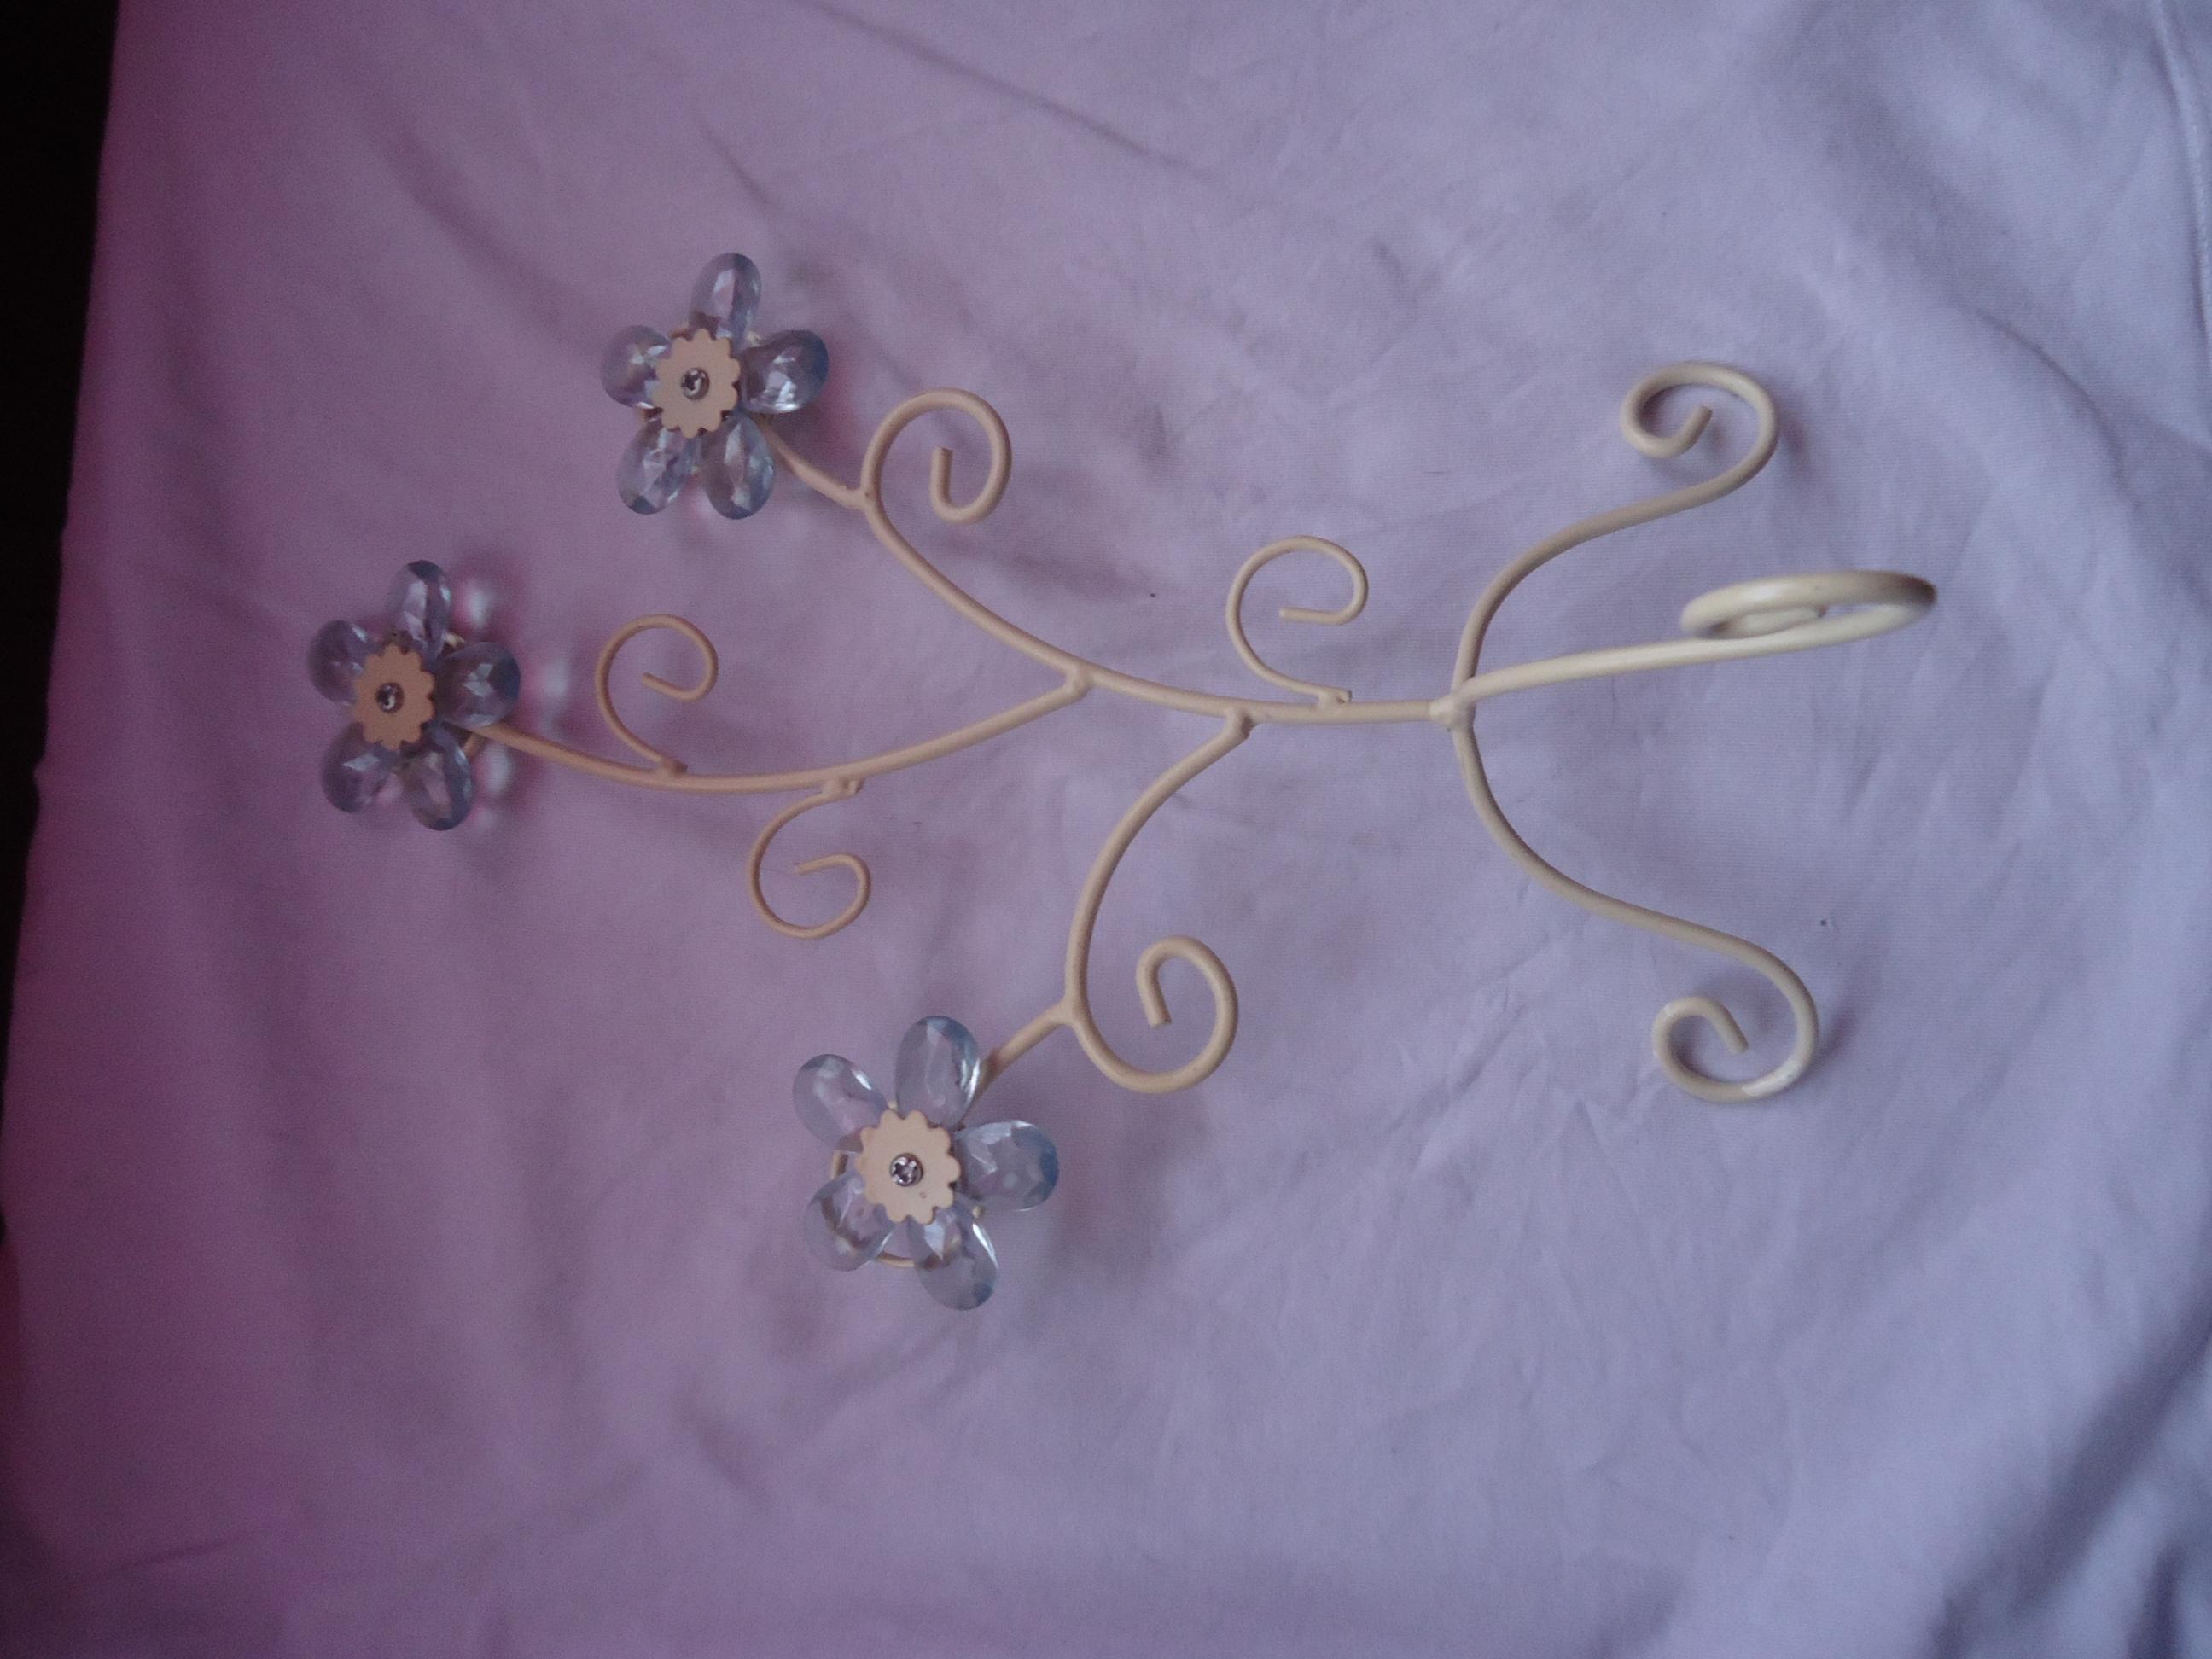 troc de troc présentoir à bijoux image 2